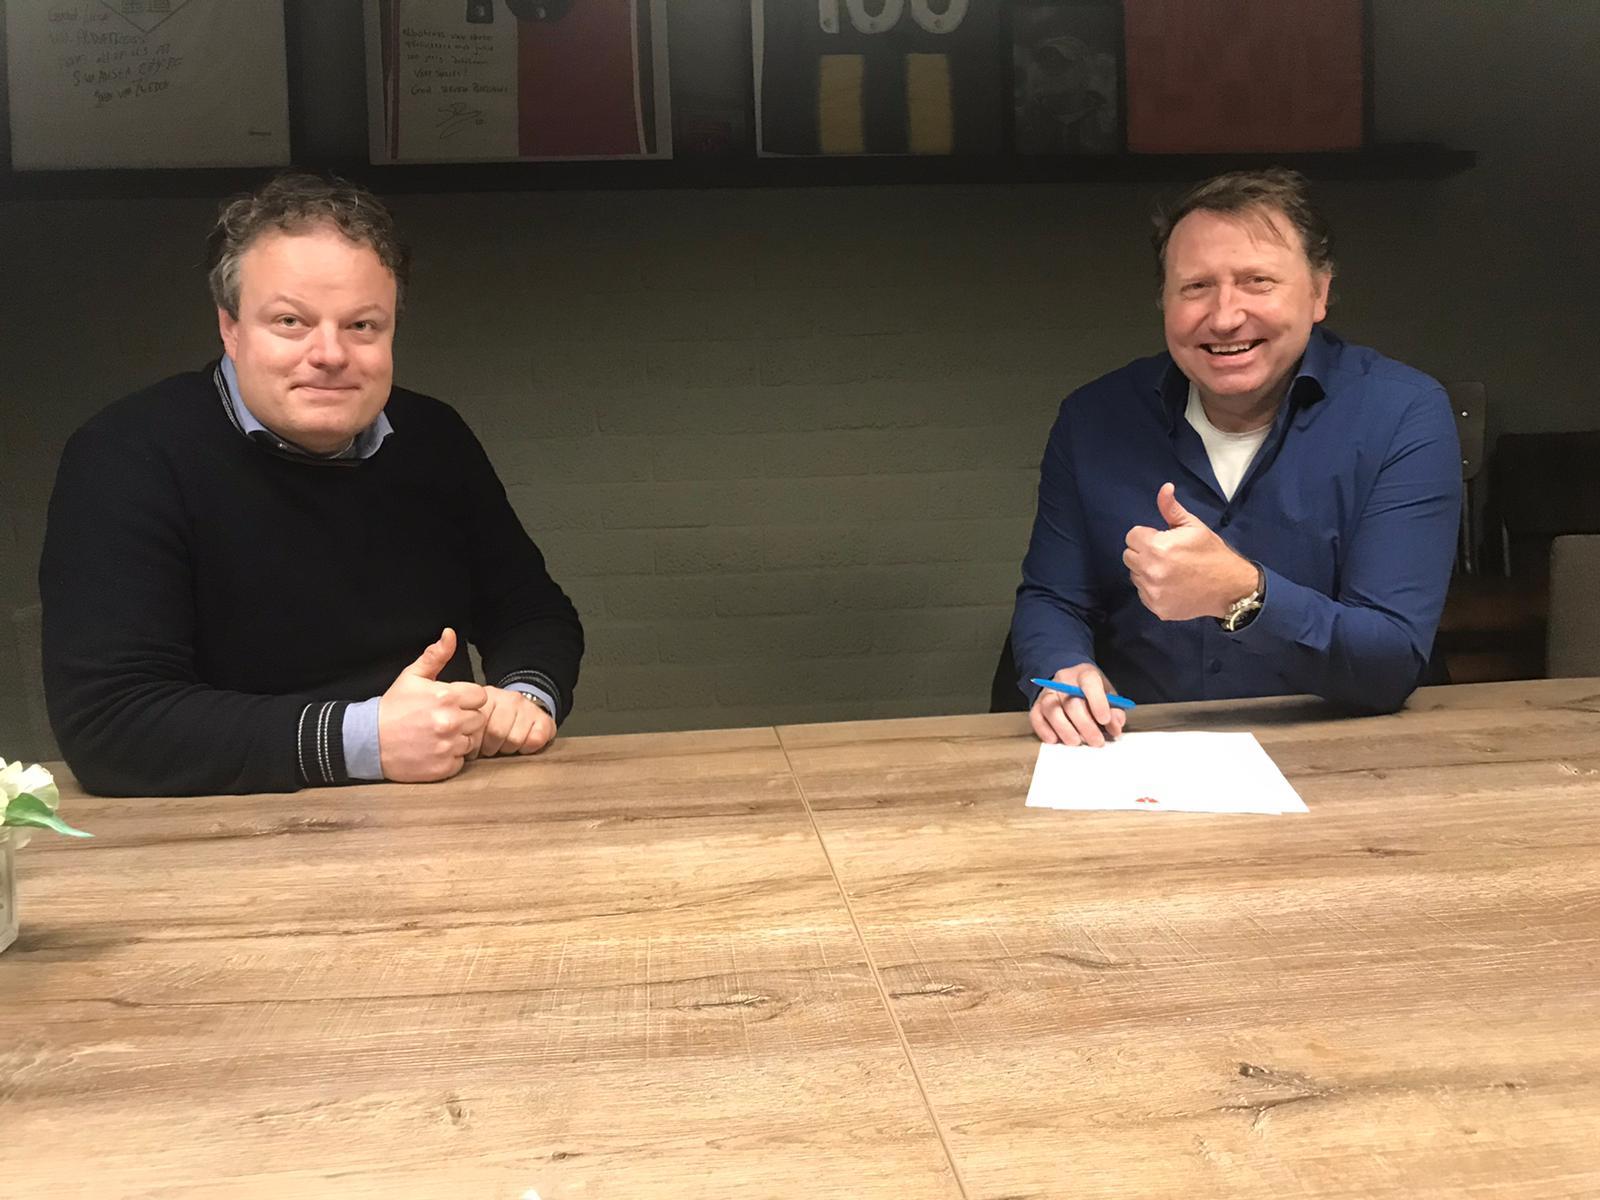 Marco Wilmink verlengt trainerscontract met het Ugchelse V.V. Albatross